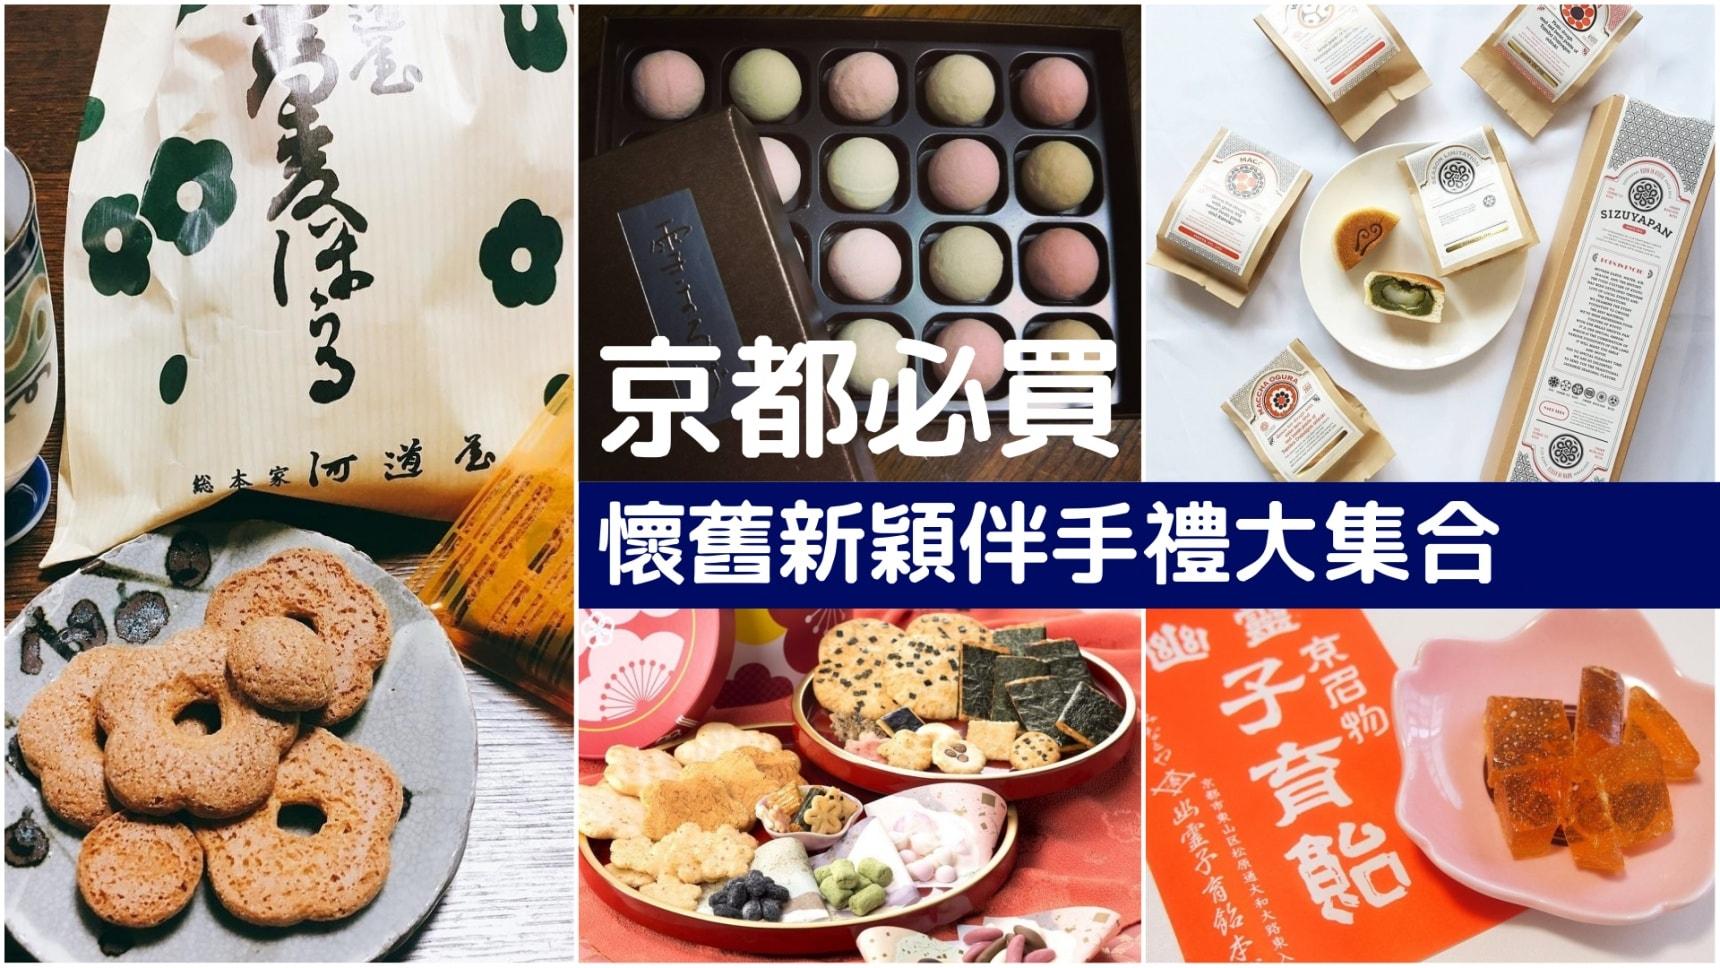 【京都必買】從經典到新潮!在地京都人推薦的10大美味伴手禮